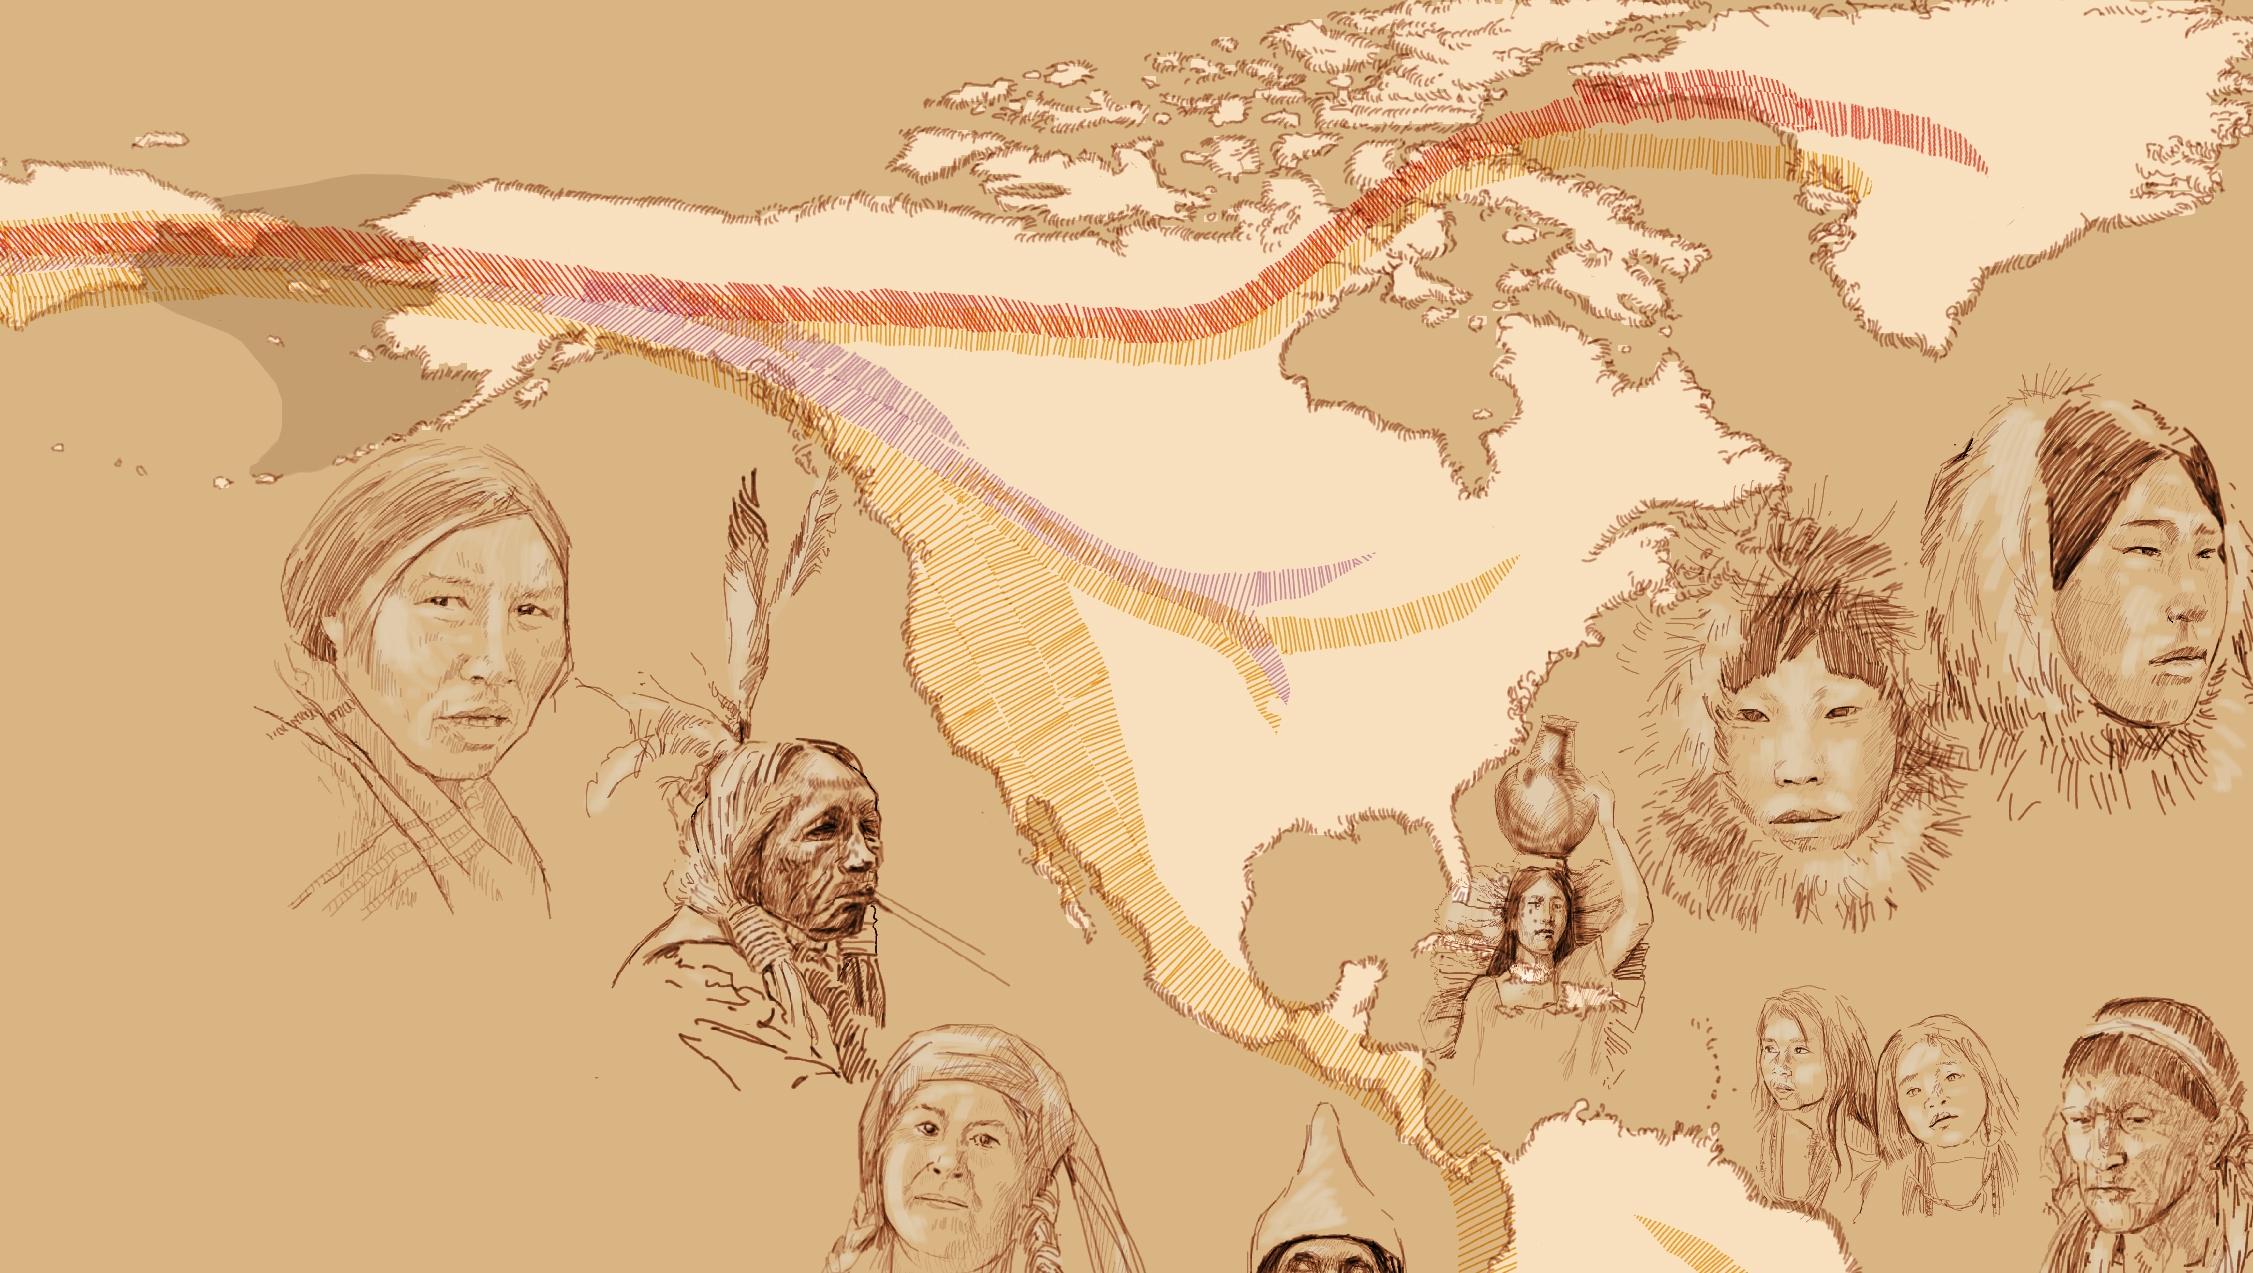 Dibujos basados en fotografías de los nativos americanos desde el Ártico hasta Tierra del Fuego, y las distintas corrientes migratorias povenientes de Asia.